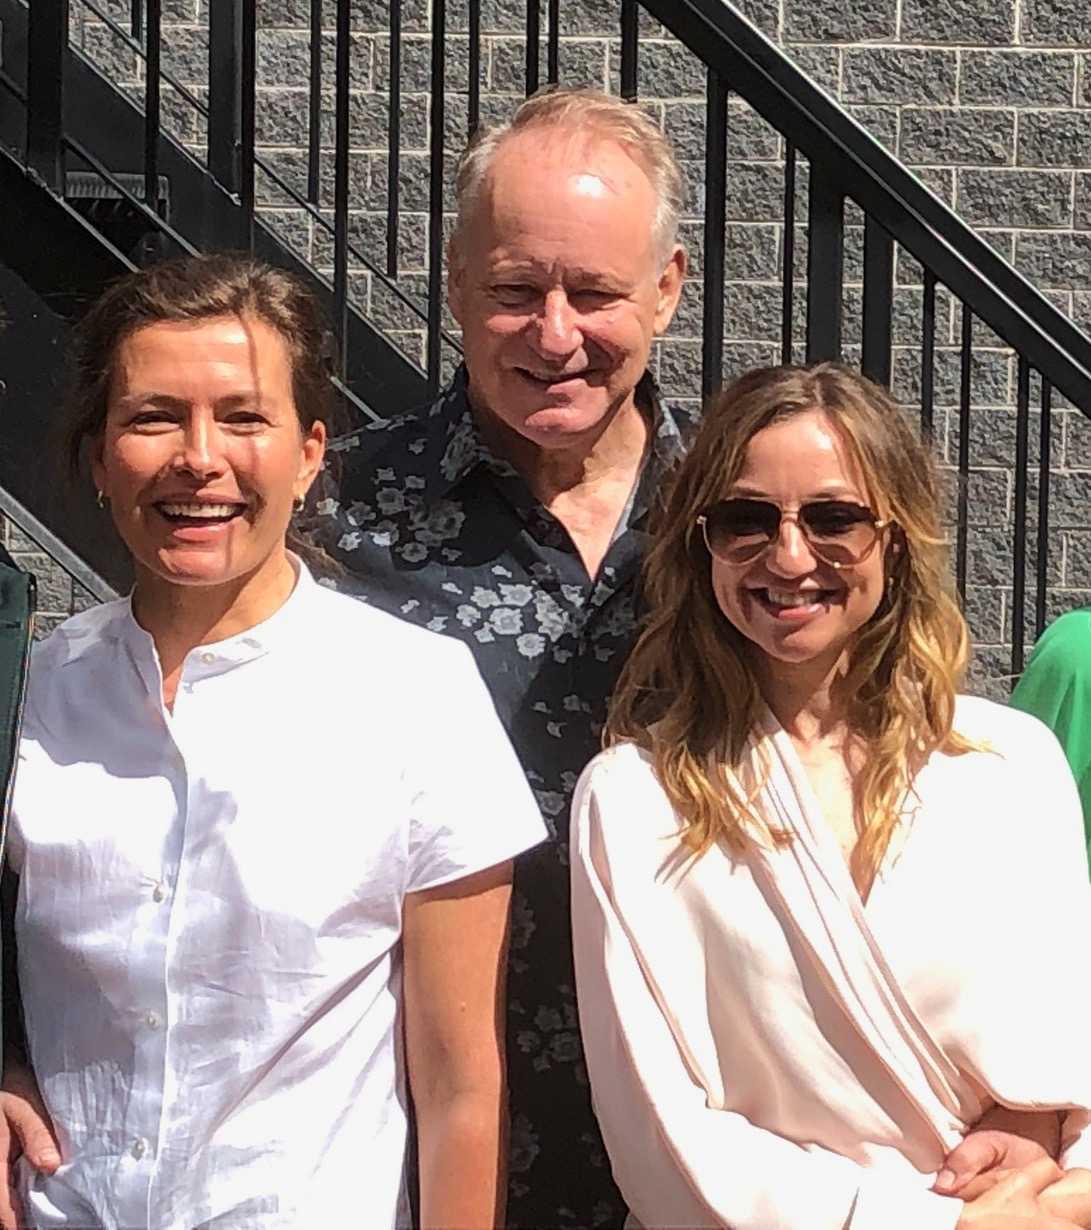 Marie Sødahl, Stellan Skarsgård och Andrea Bræin Hovig.